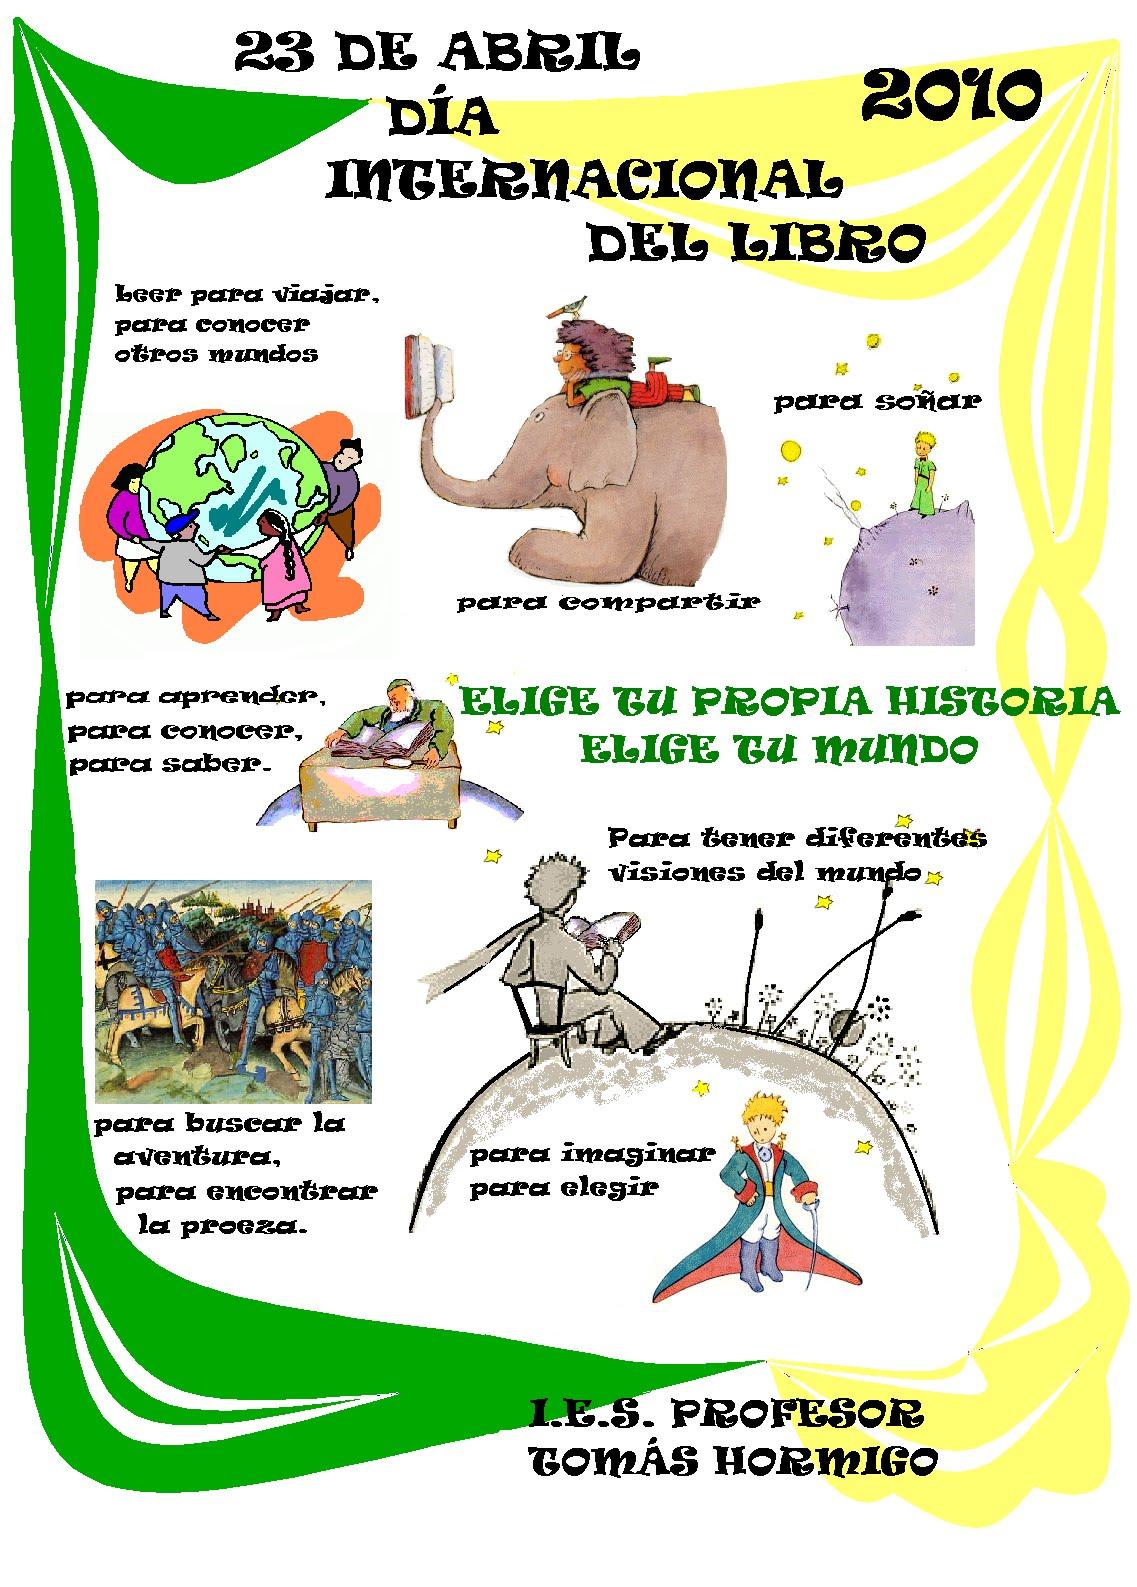 Semana del Libro 2010